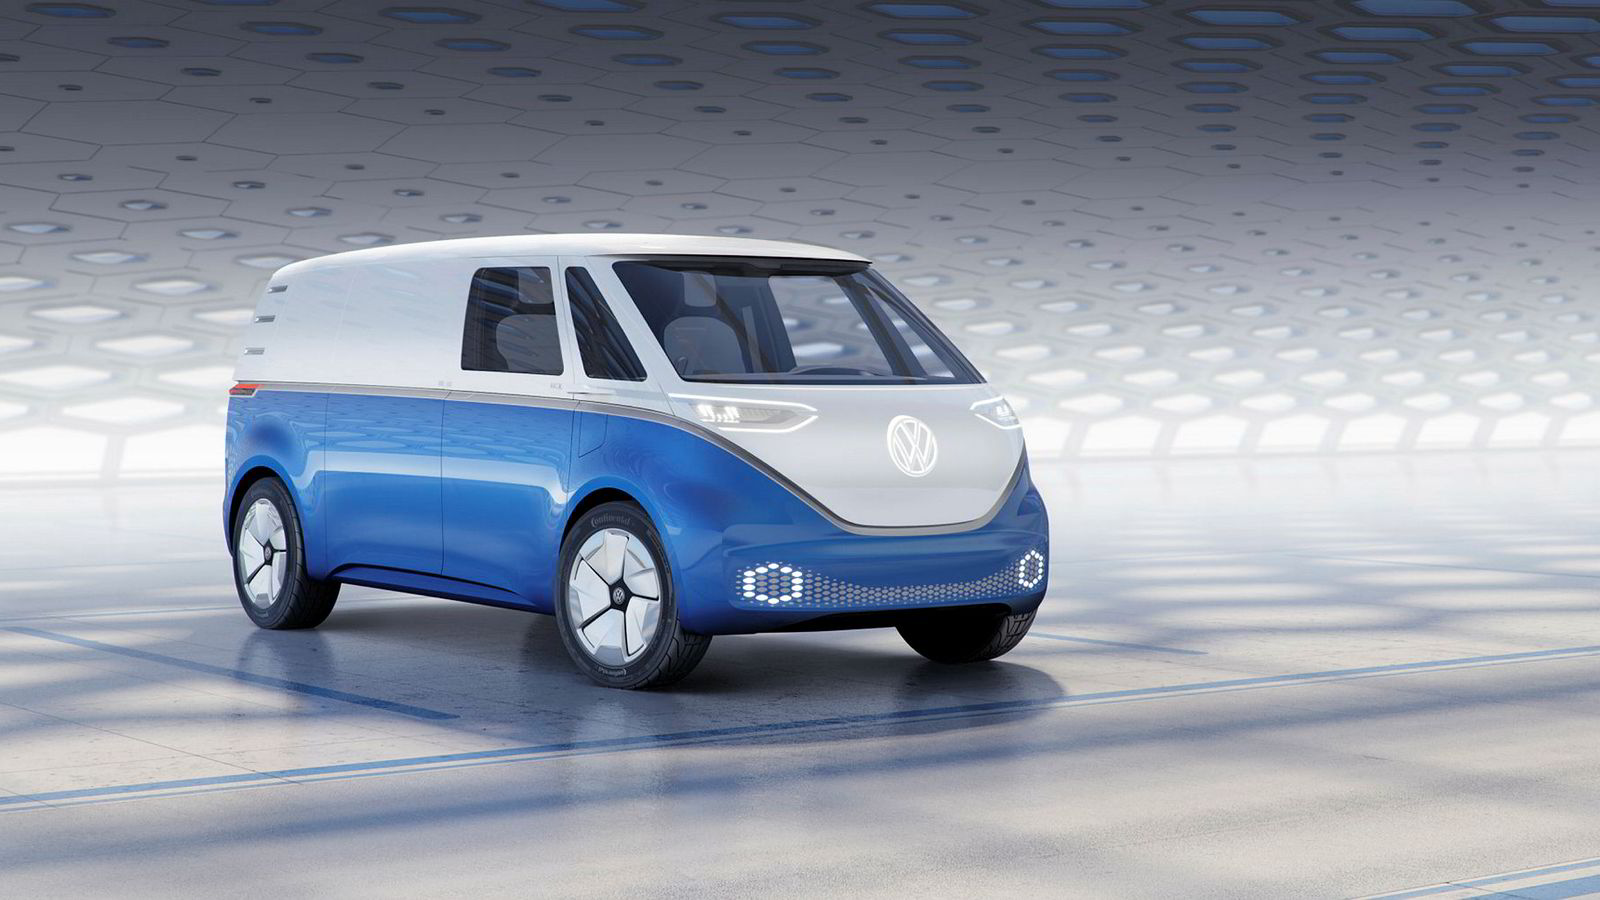 Dessverre er ikke dette den første elvarebilen, men Volkswagen har åpnet for at I.D. Buzz Cargo kan være i produksjon allerede i 2021.